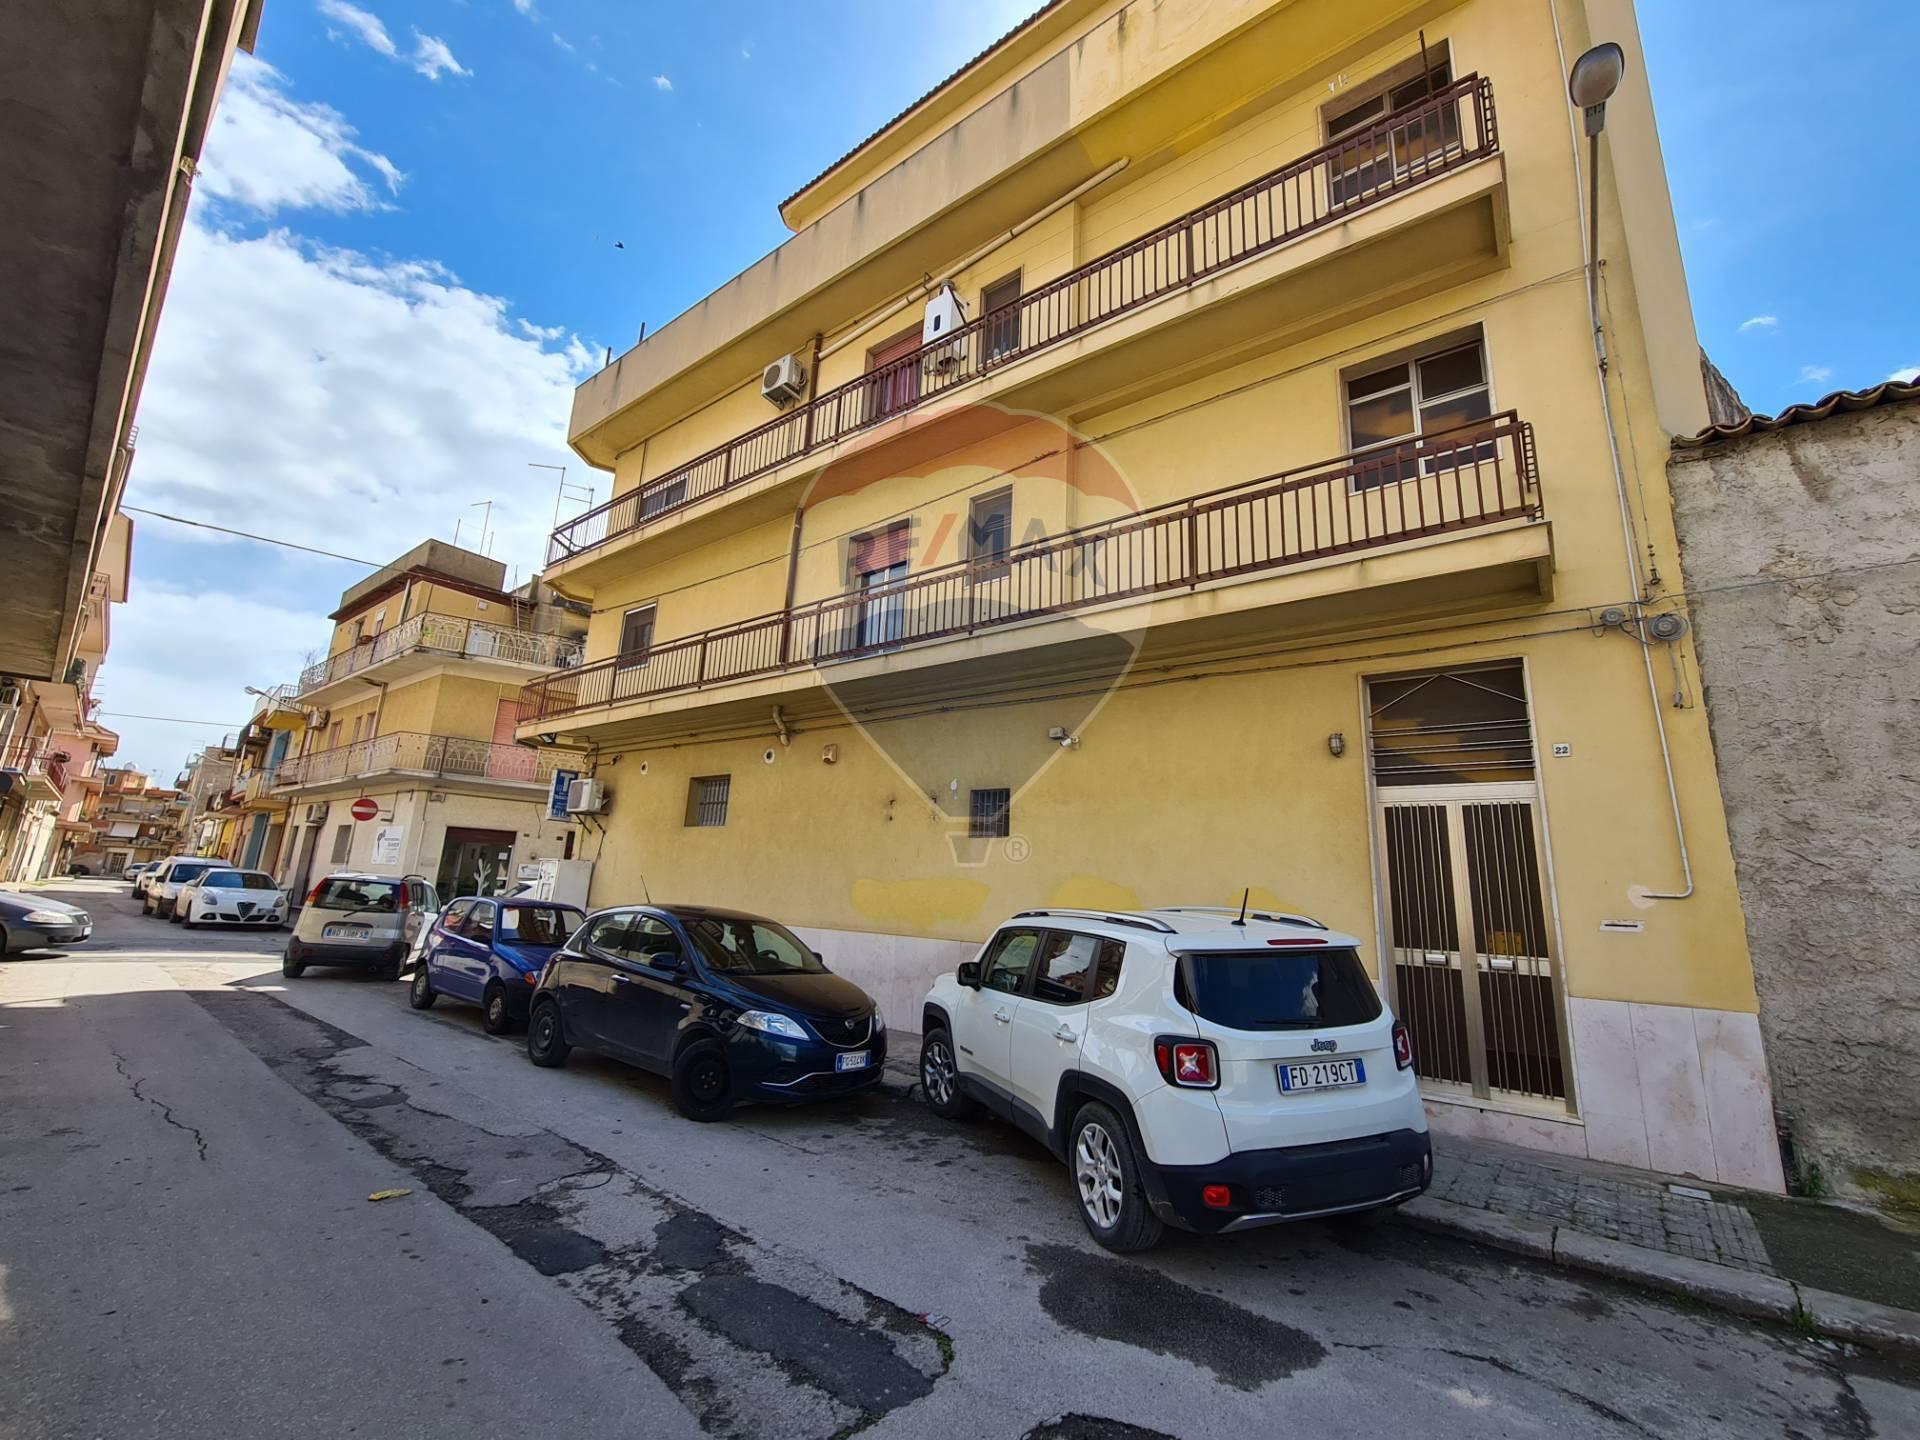 Soluzione Indipendente in vendita a Vittoria, 6 locali, prezzo € 105.000 | CambioCasa.it